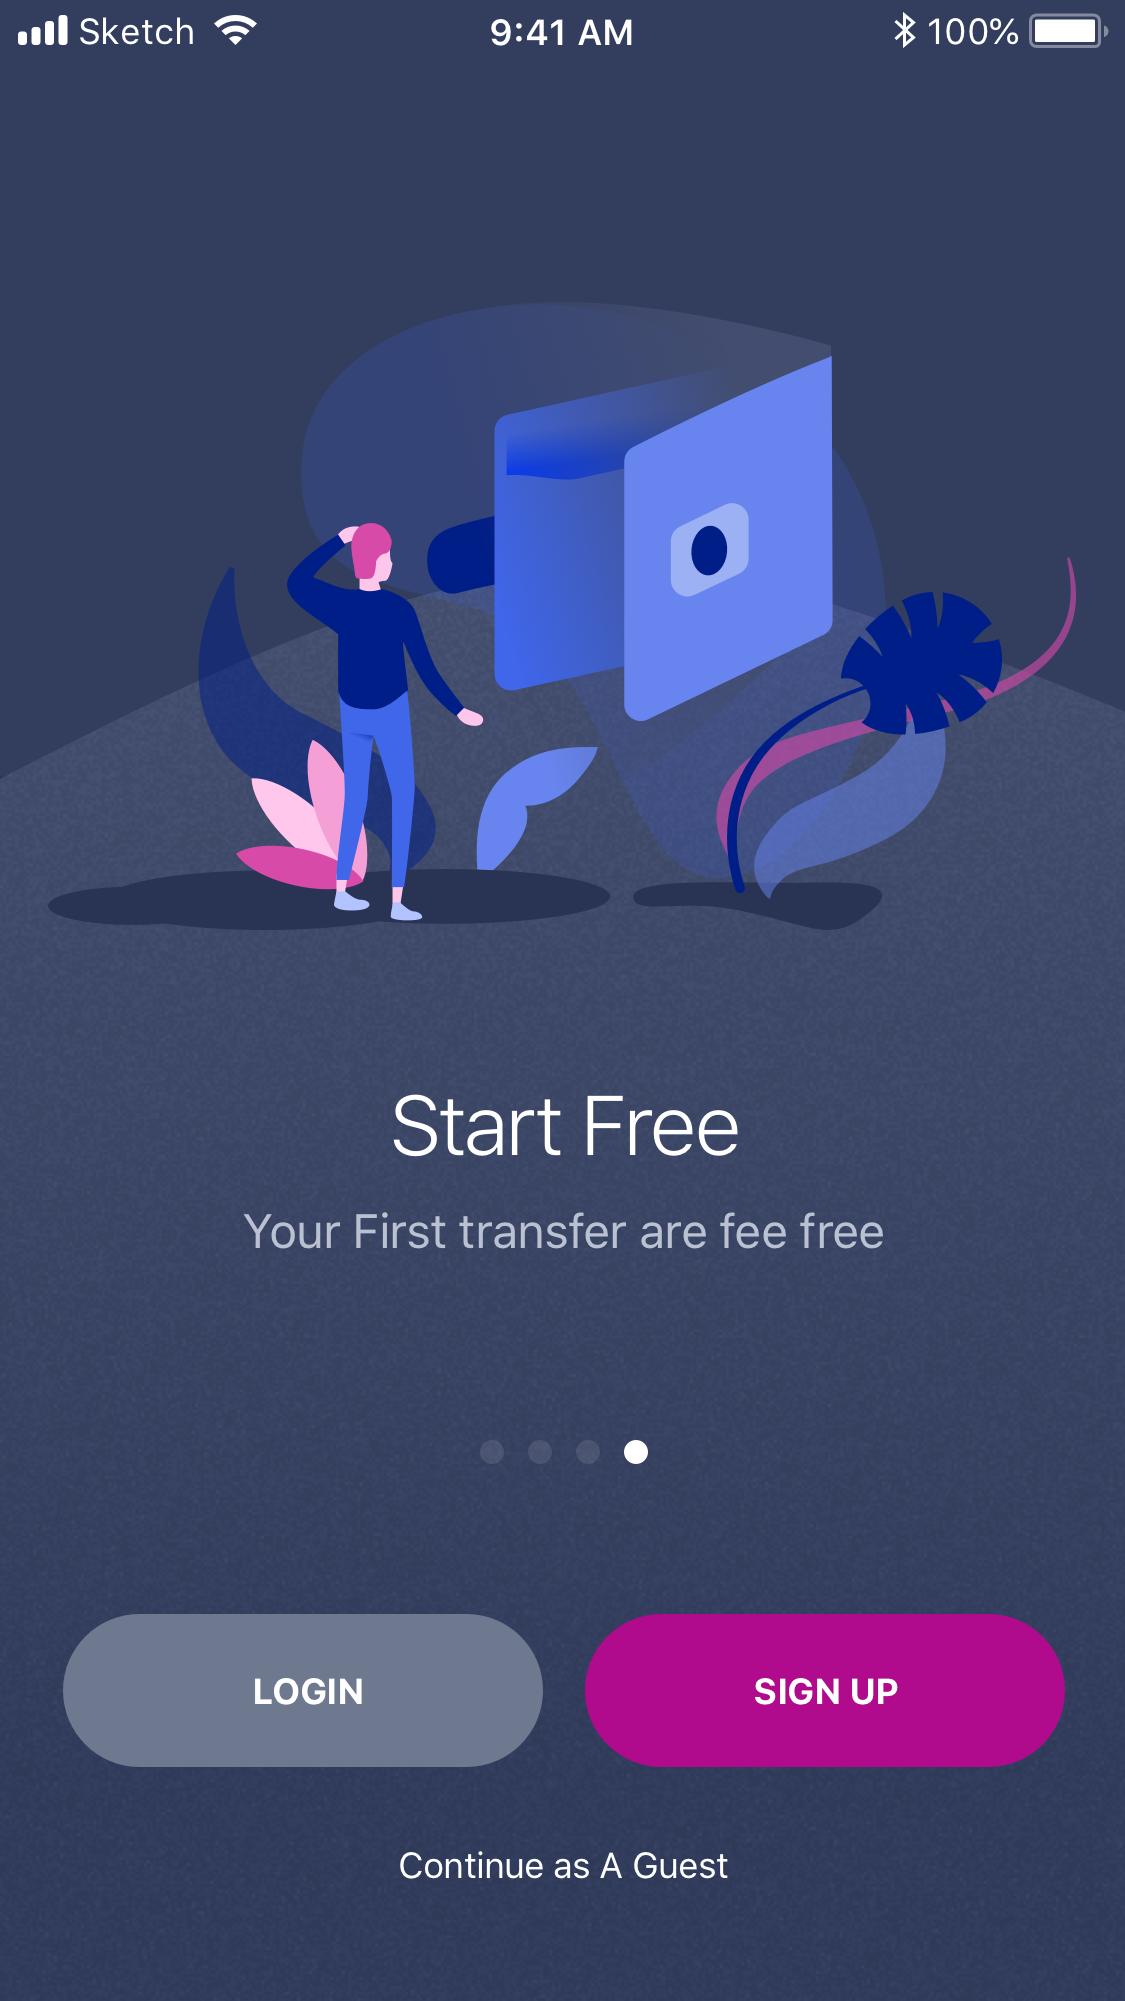 Start free